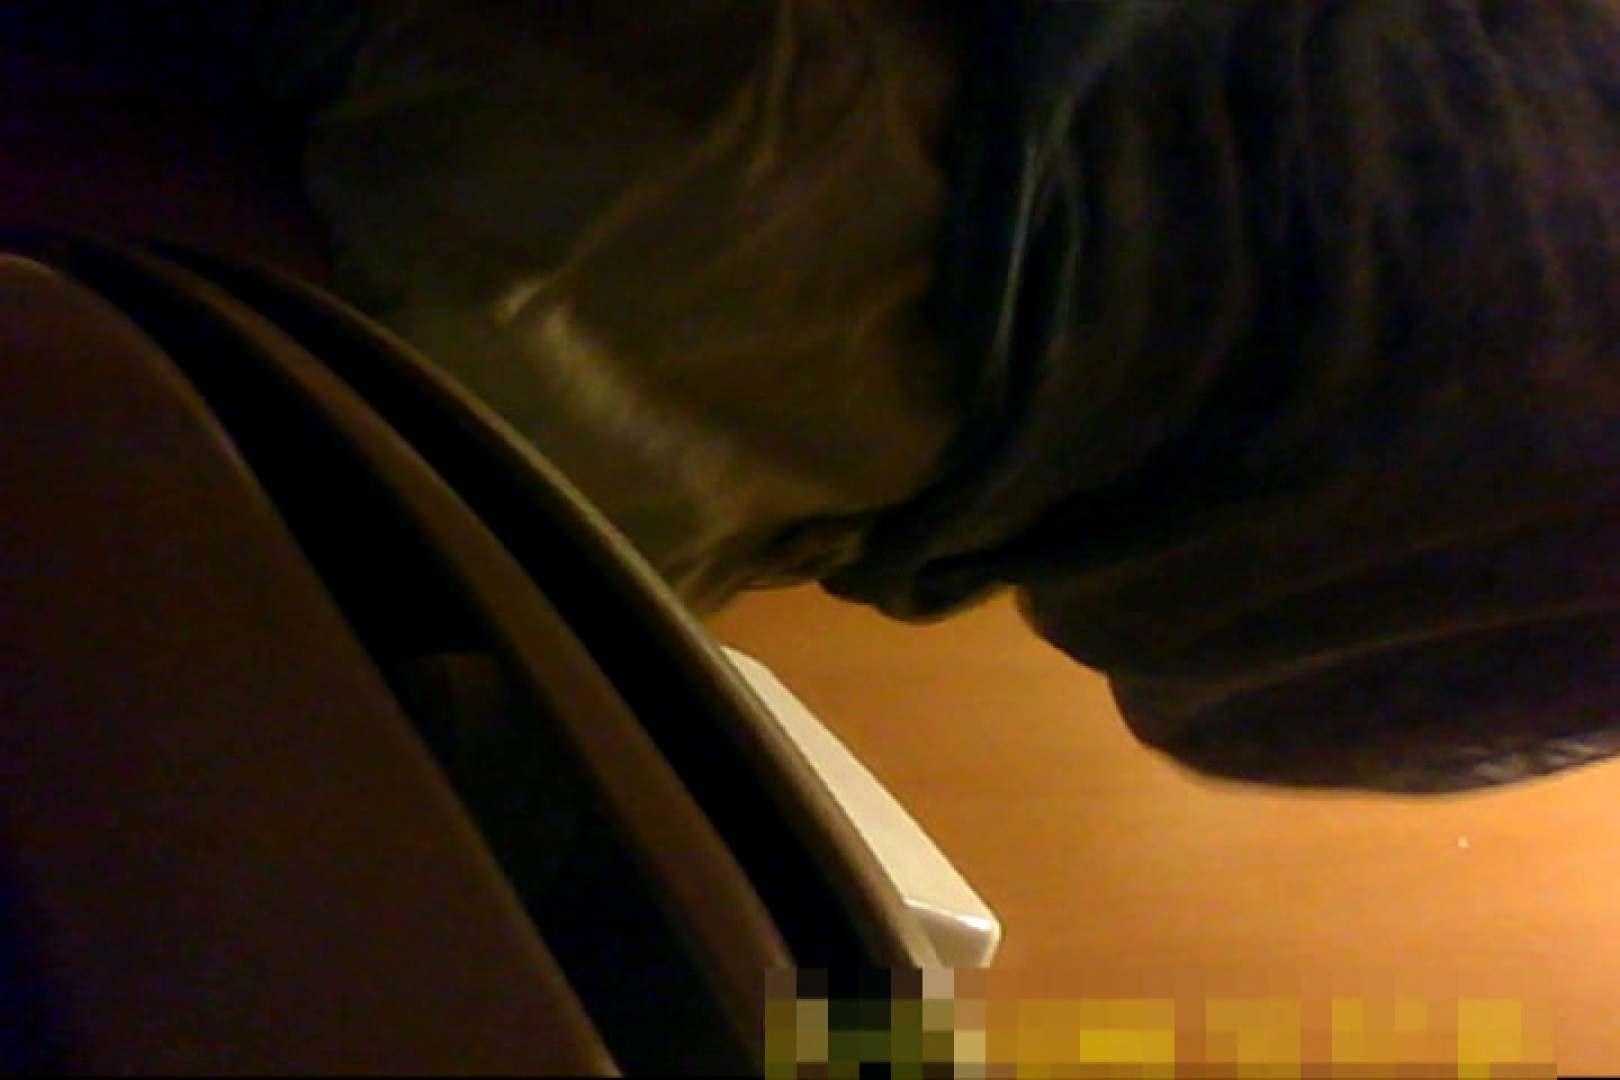 魅惑の化粧室~禁断のプライベート空間~27 丸見えマンコ 隠し撮りオマンコ動画紹介 106PIX 92